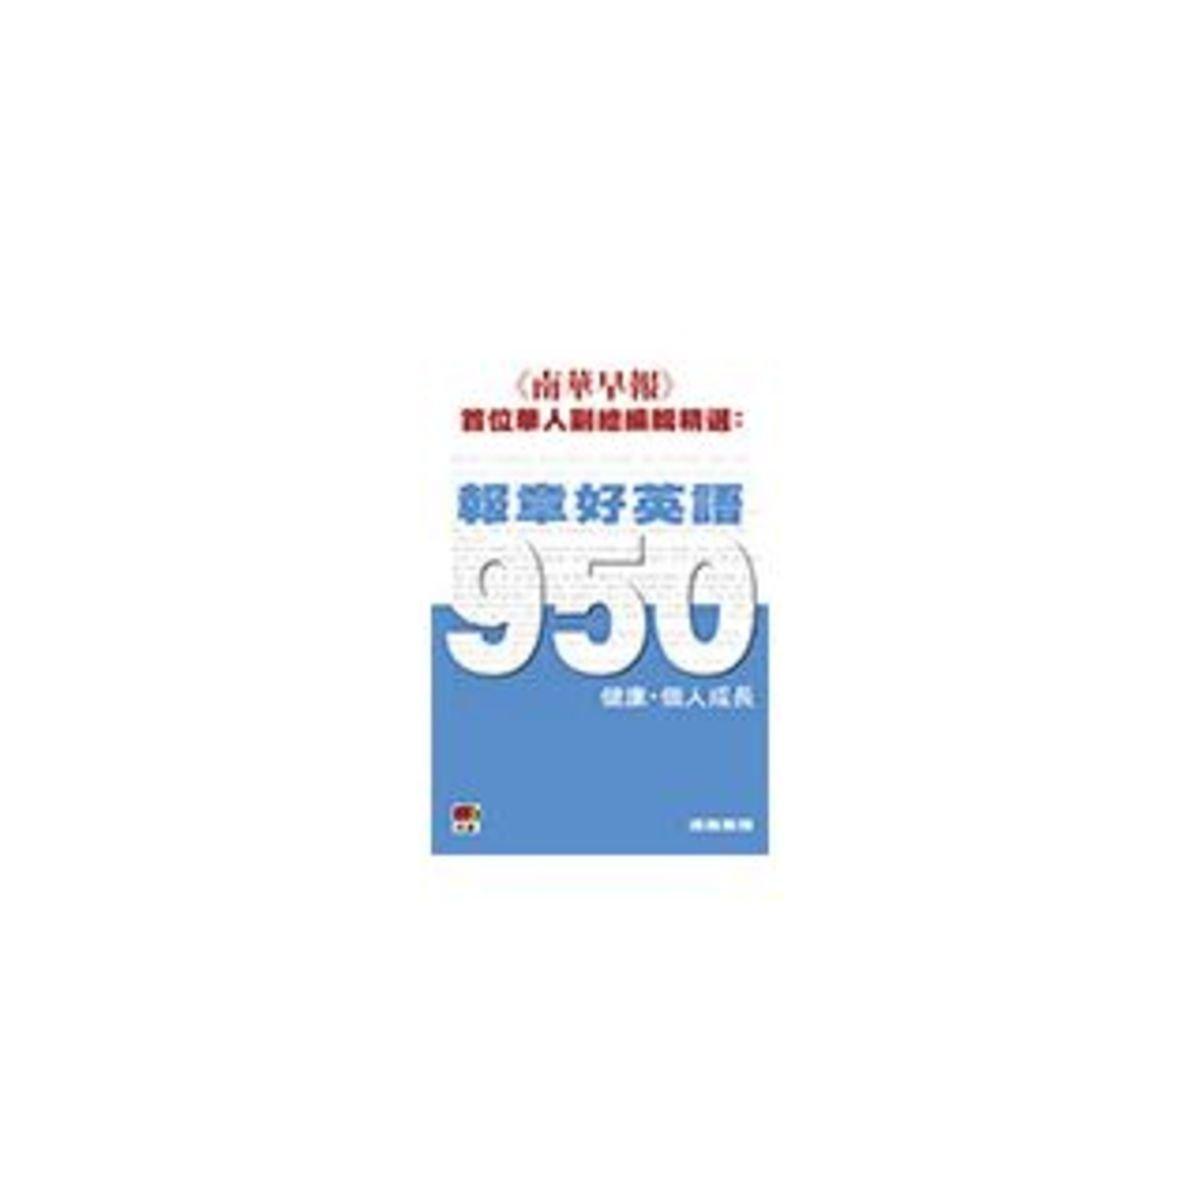 報章好英語950(健康‧個人成長)